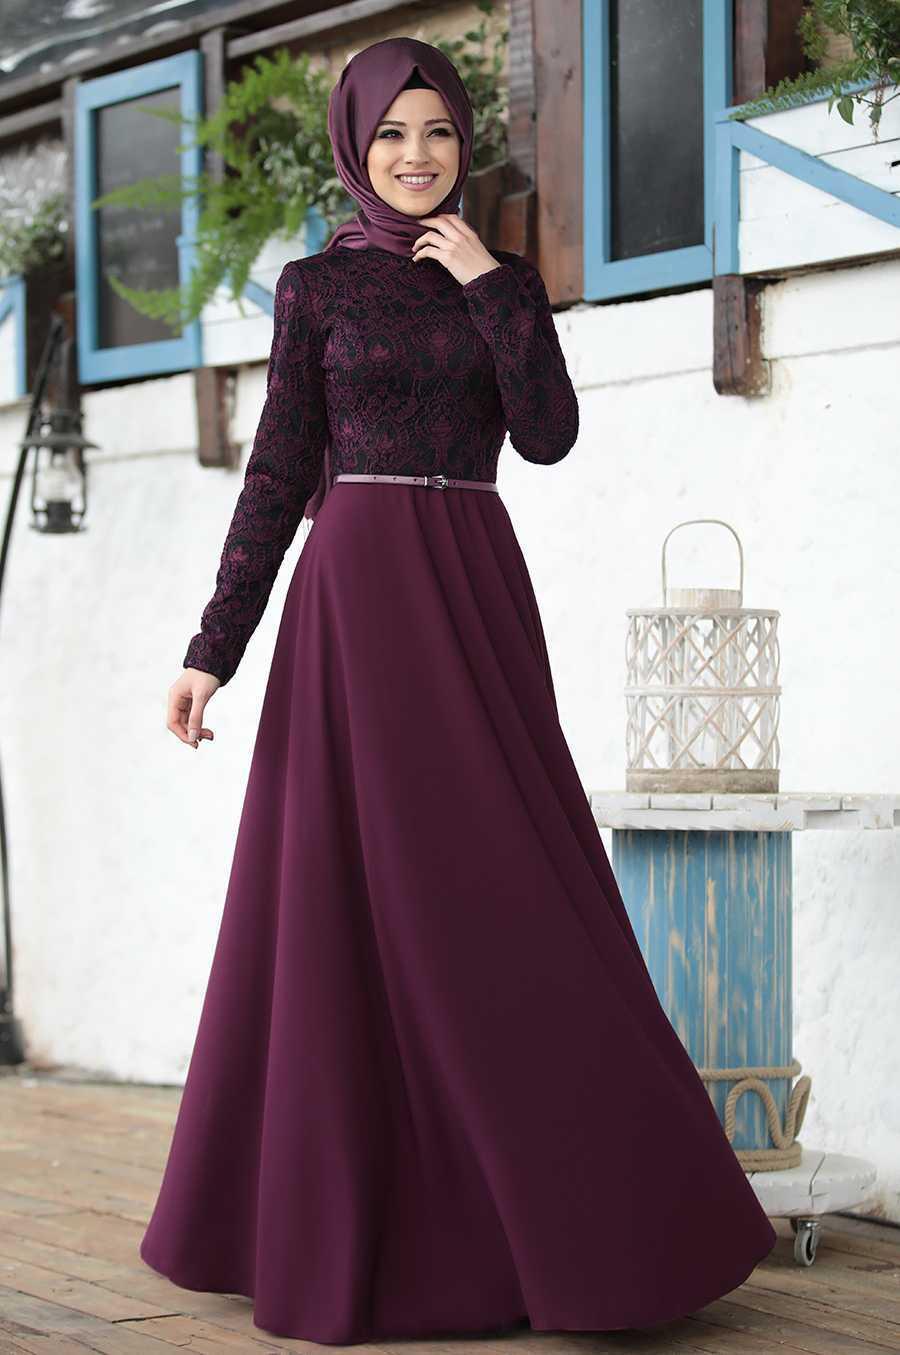 Al Marah Tesettür İmge Fuşya Elbise Modelleri